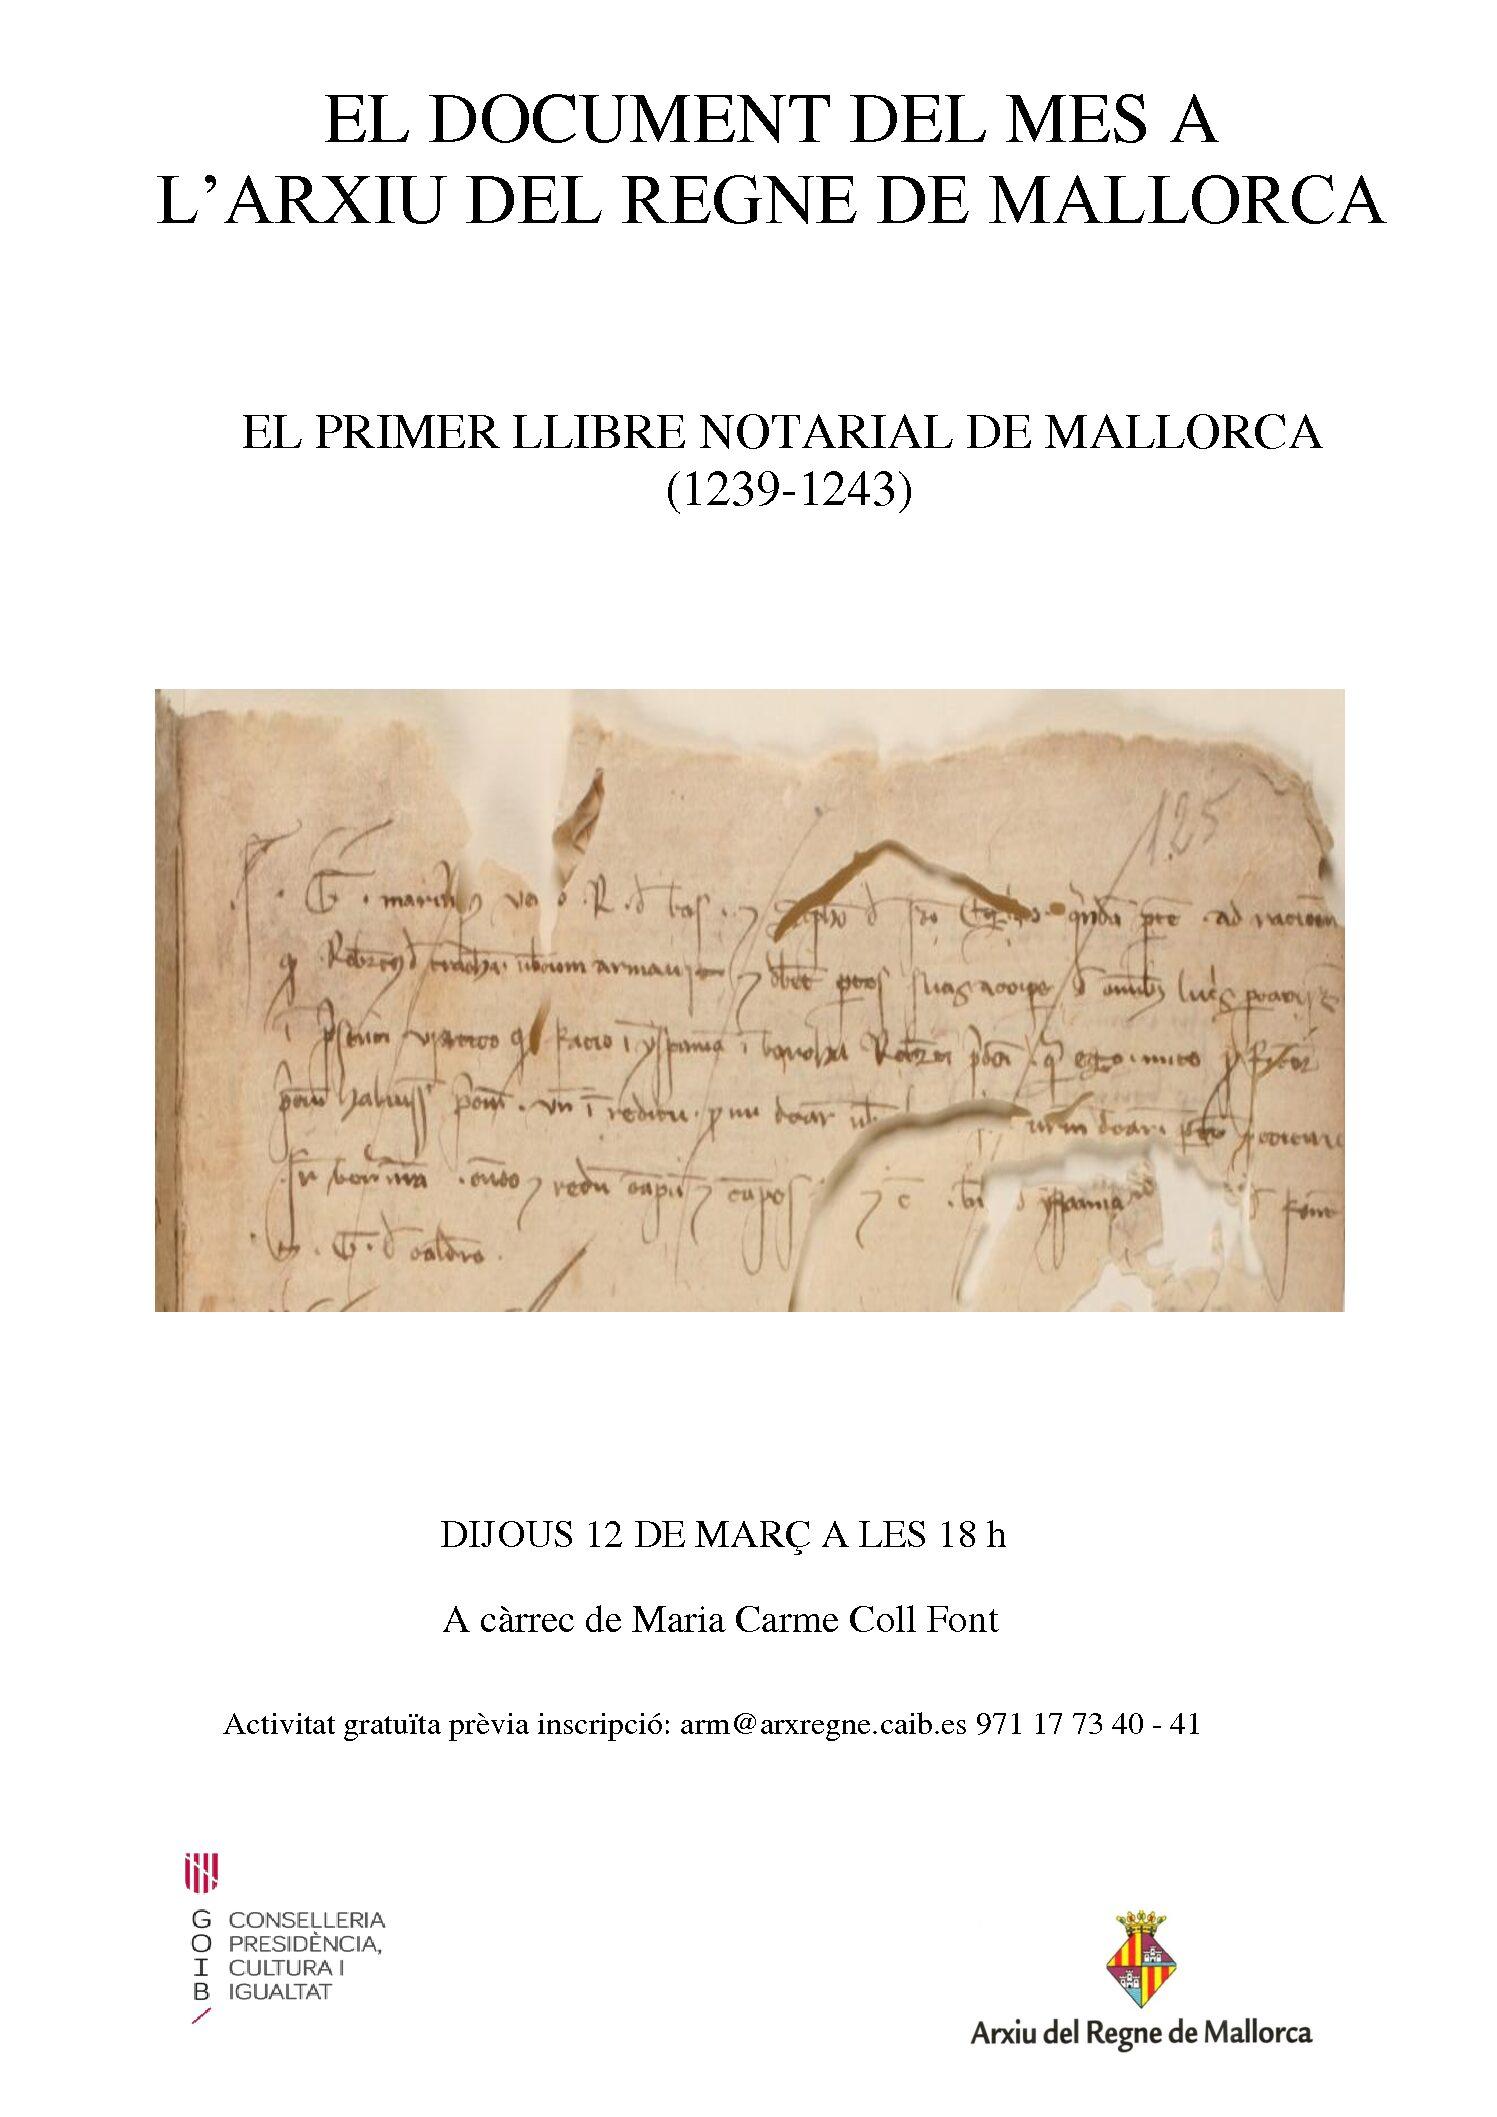 El primer llibre notarial de Mallorca